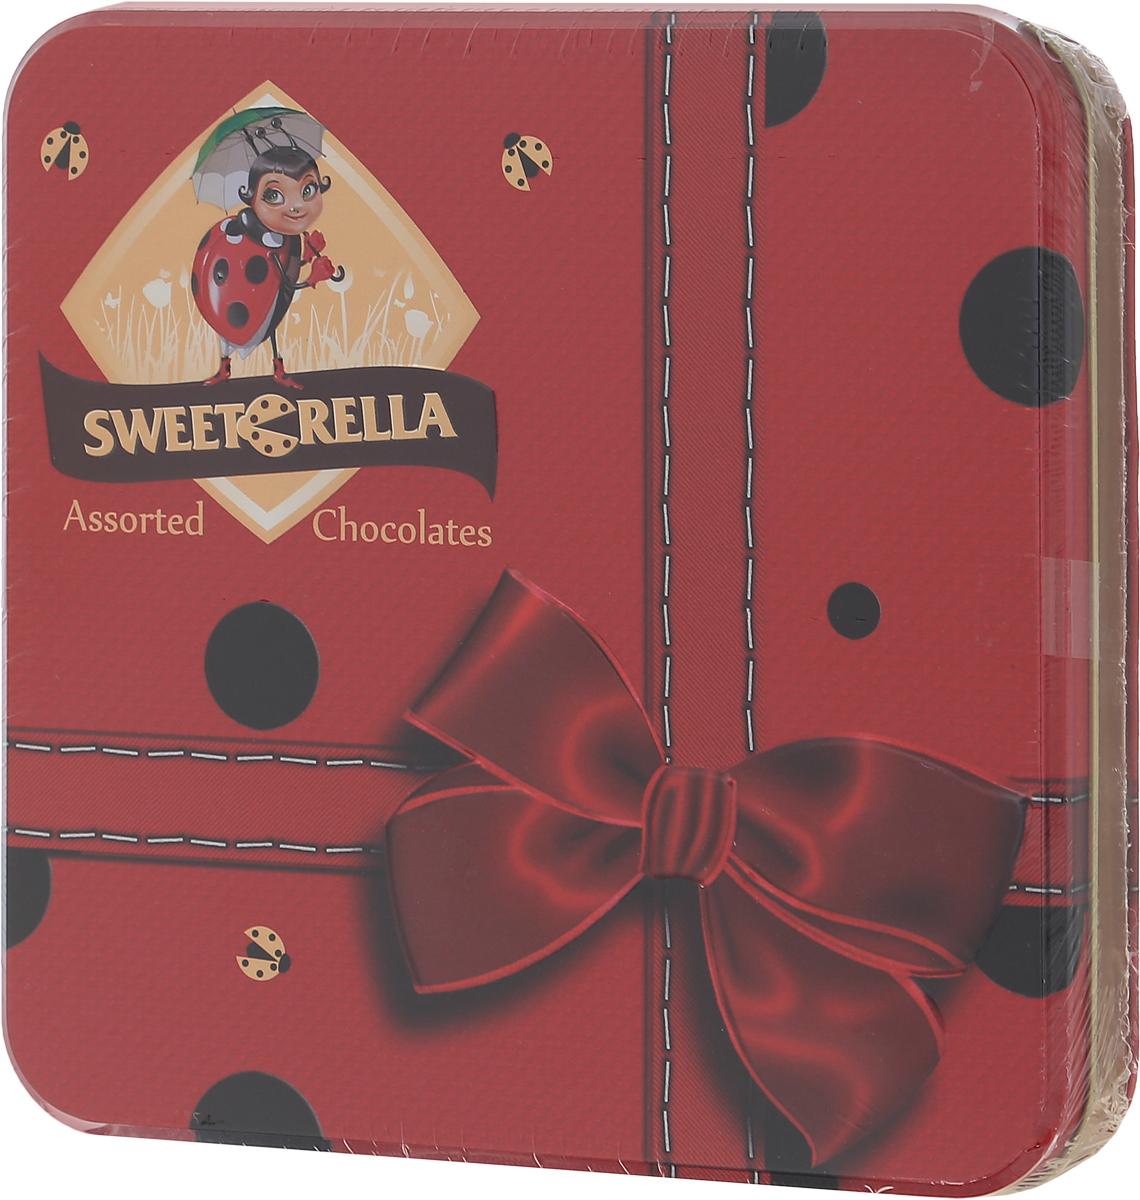 Sweeterella набор шоколадных конфет эксклюзив шоколадного ассорти, 193 г sweeterella набор сдобного печенья ассорти 710 г